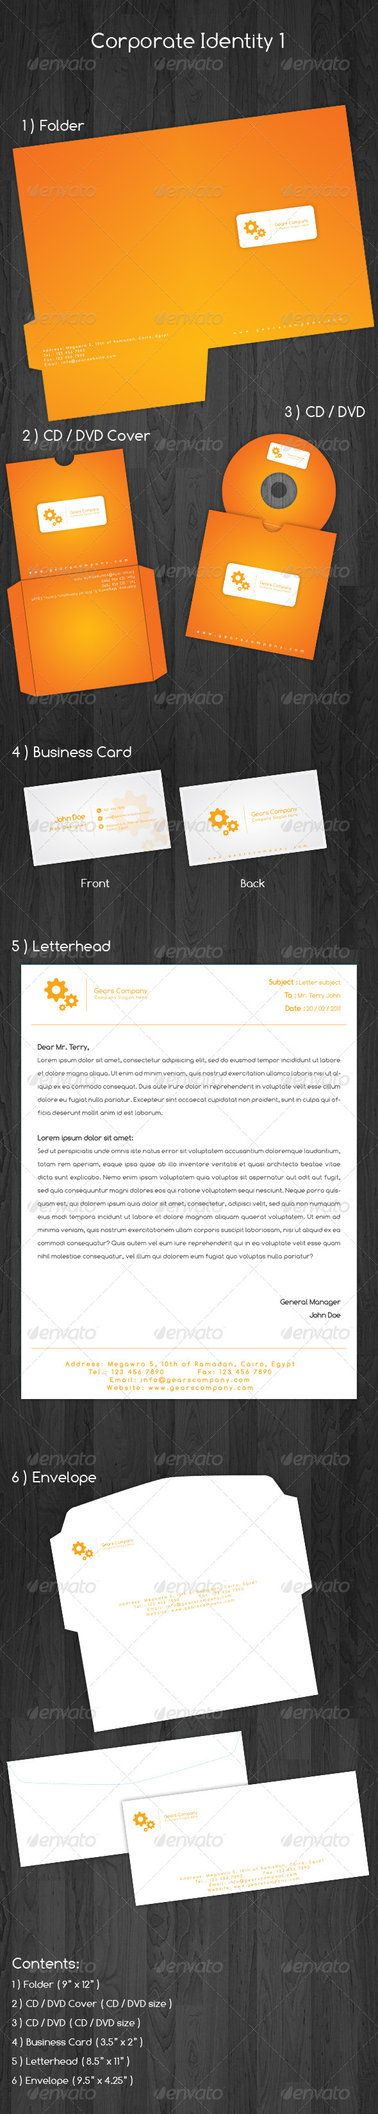 The 65 best Folder / Holder images on Pinterest | Folder holder ...